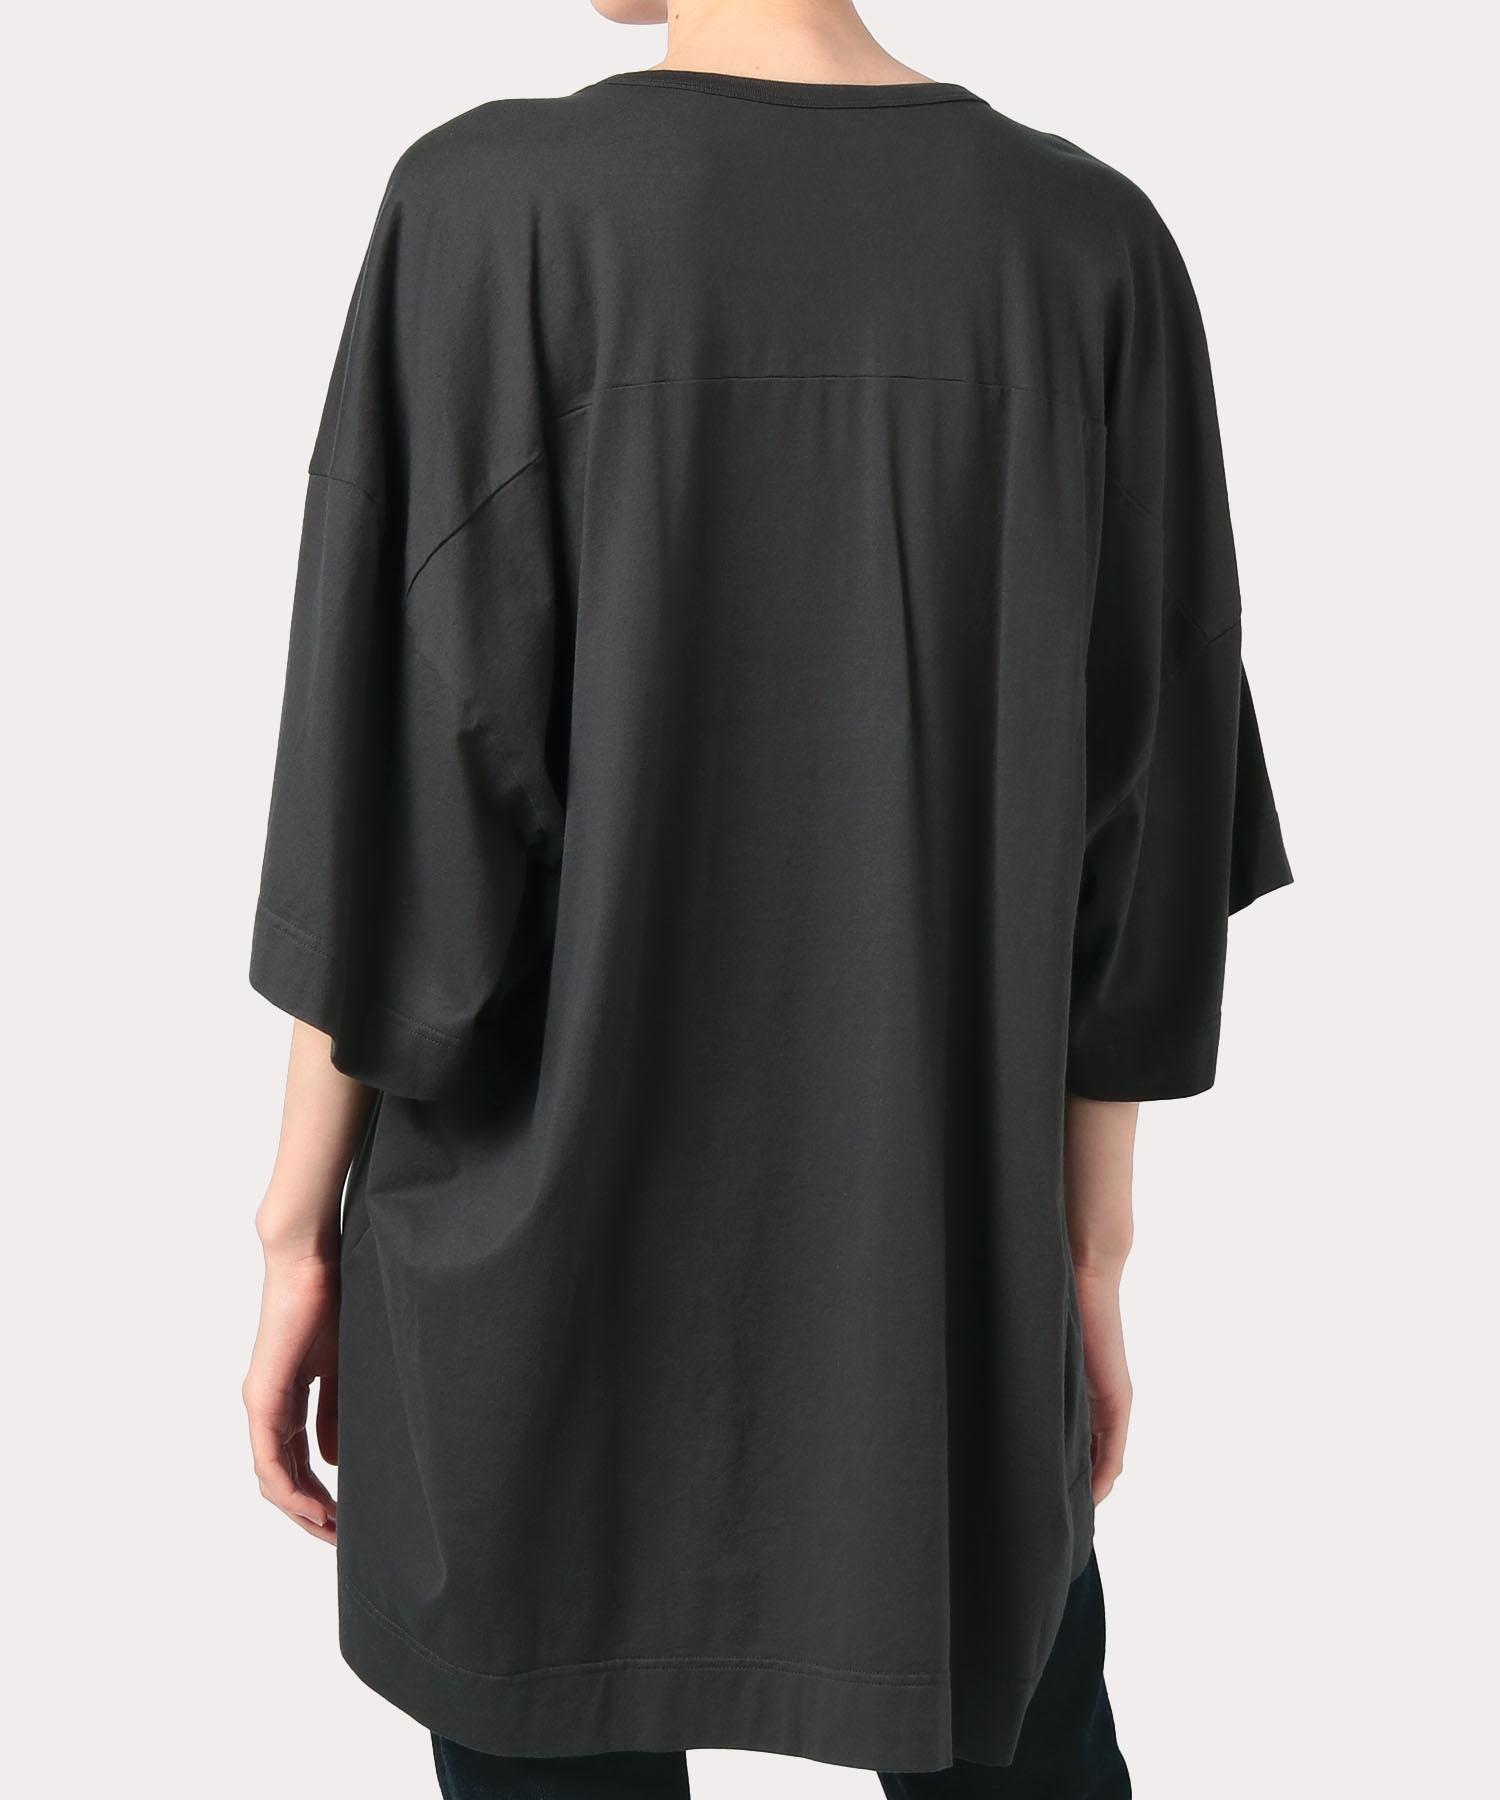 オンラインショップ限定カラー クォーターORBアップリケ刺繍 ビッグTシャツ